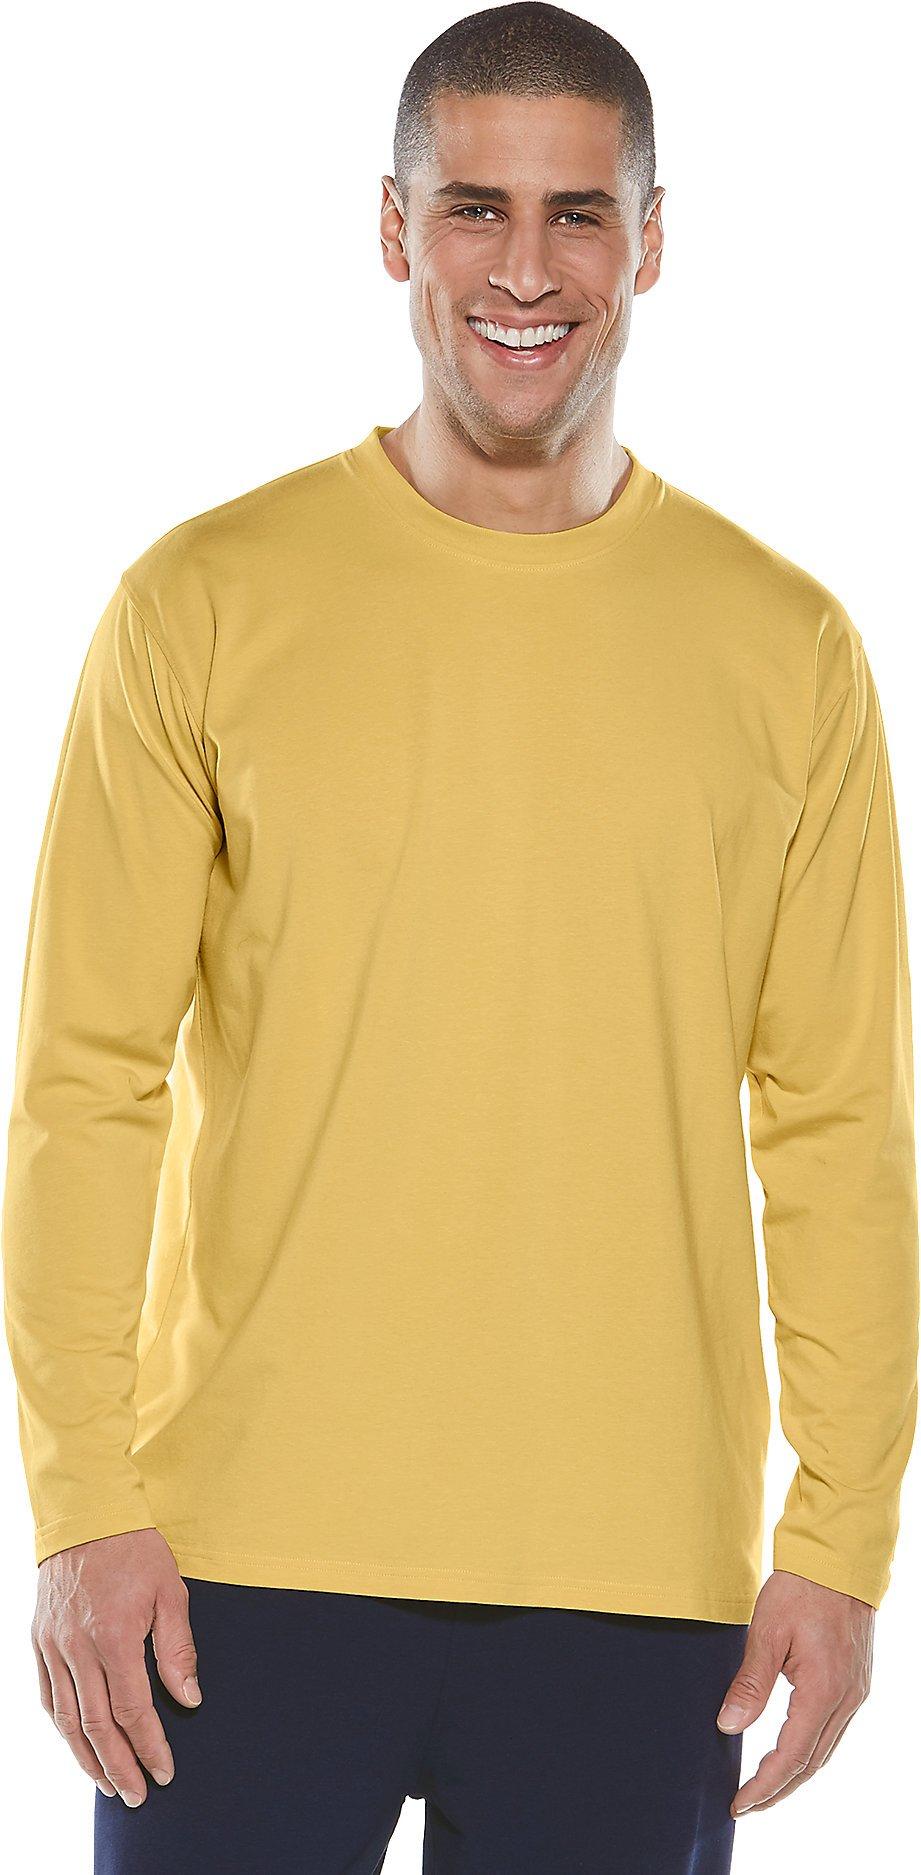 Coolibar UPF 50+ Men's Long Sleeve Everyday T-Shirt - Sun Protective (X-Large- Sahara Sun)